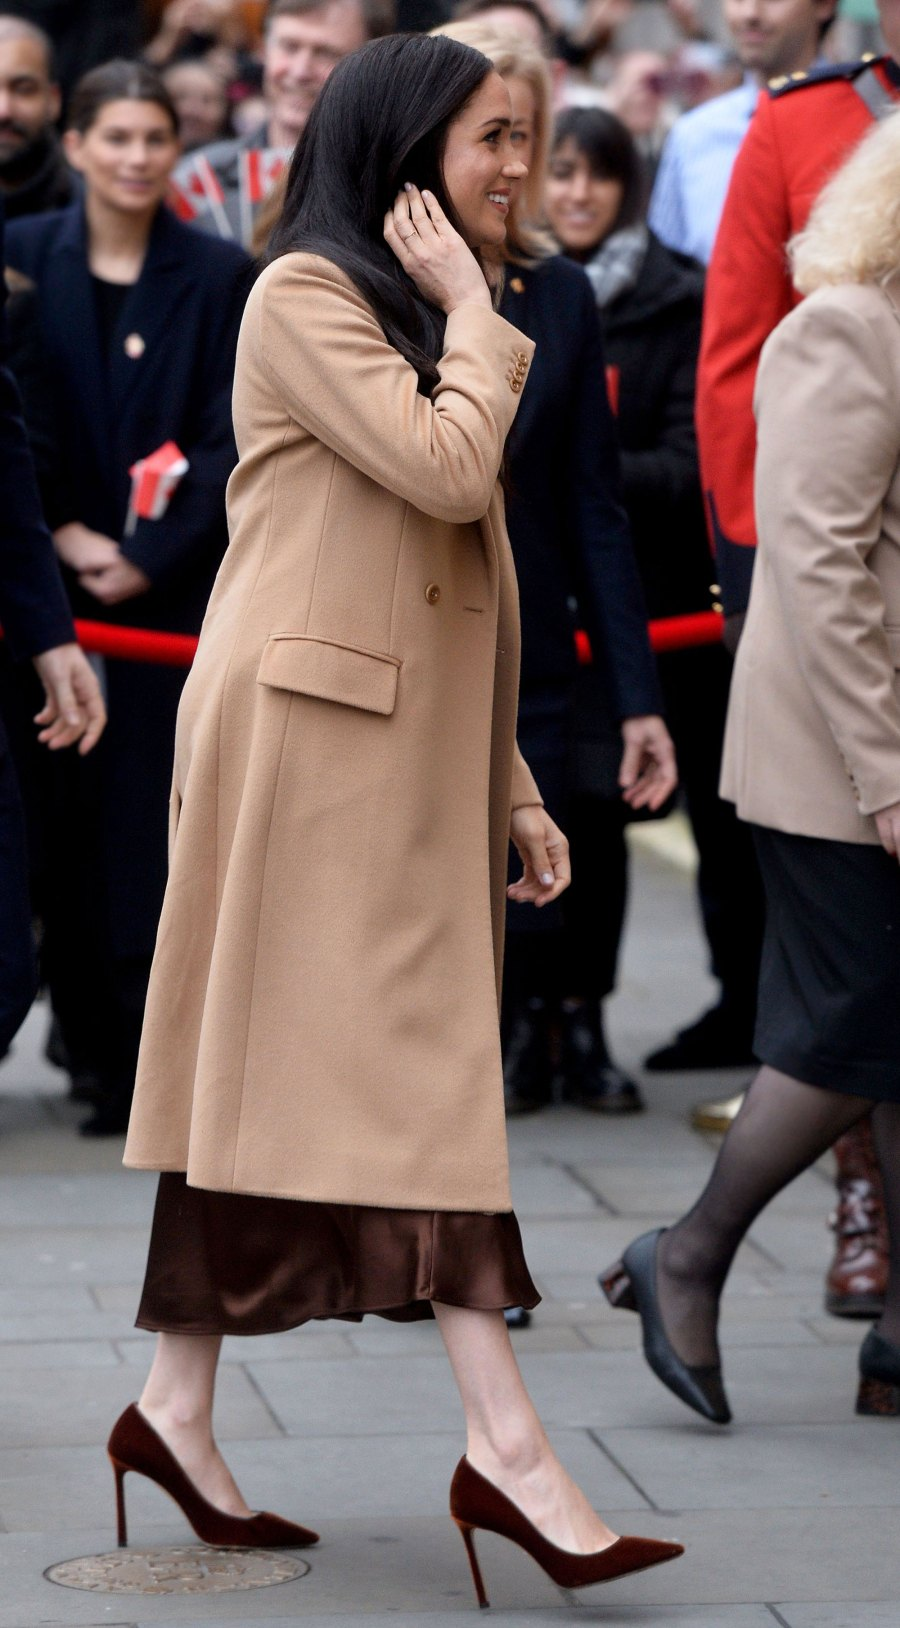 Duchess Meghan All-Brown Ensemble January 7, 2020